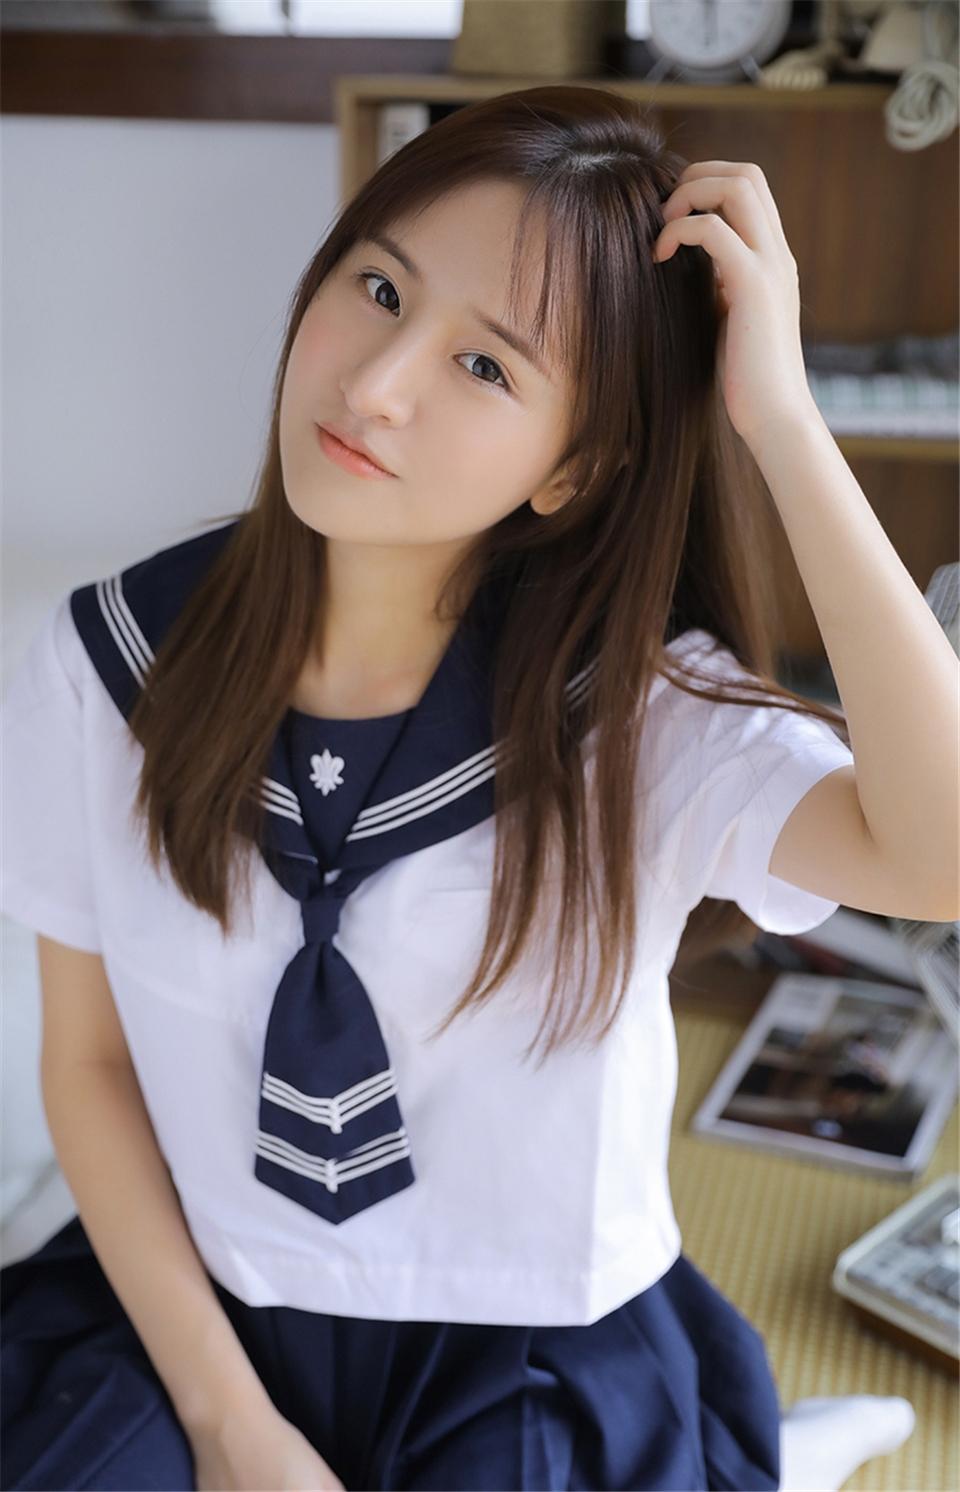 清纯水手服学生妹室内个人写真